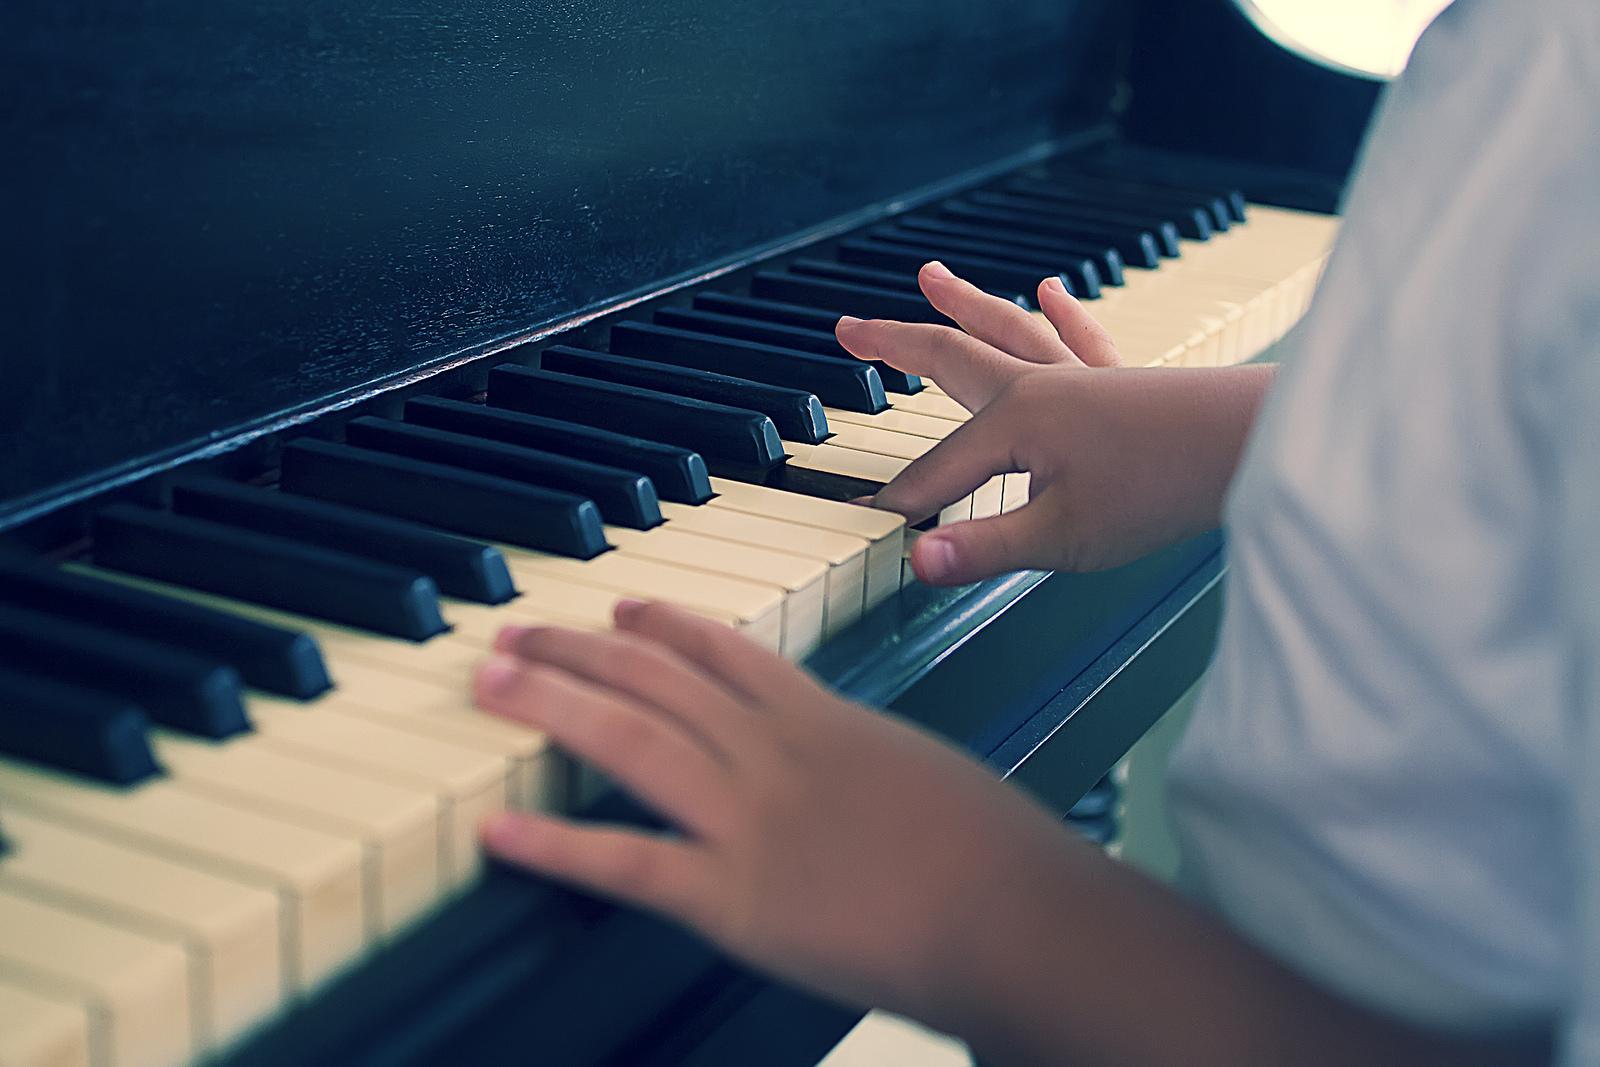 Las personas con síndrome de Williams desarrollan sus habilidades musicales de forma diferente | Sean Yu